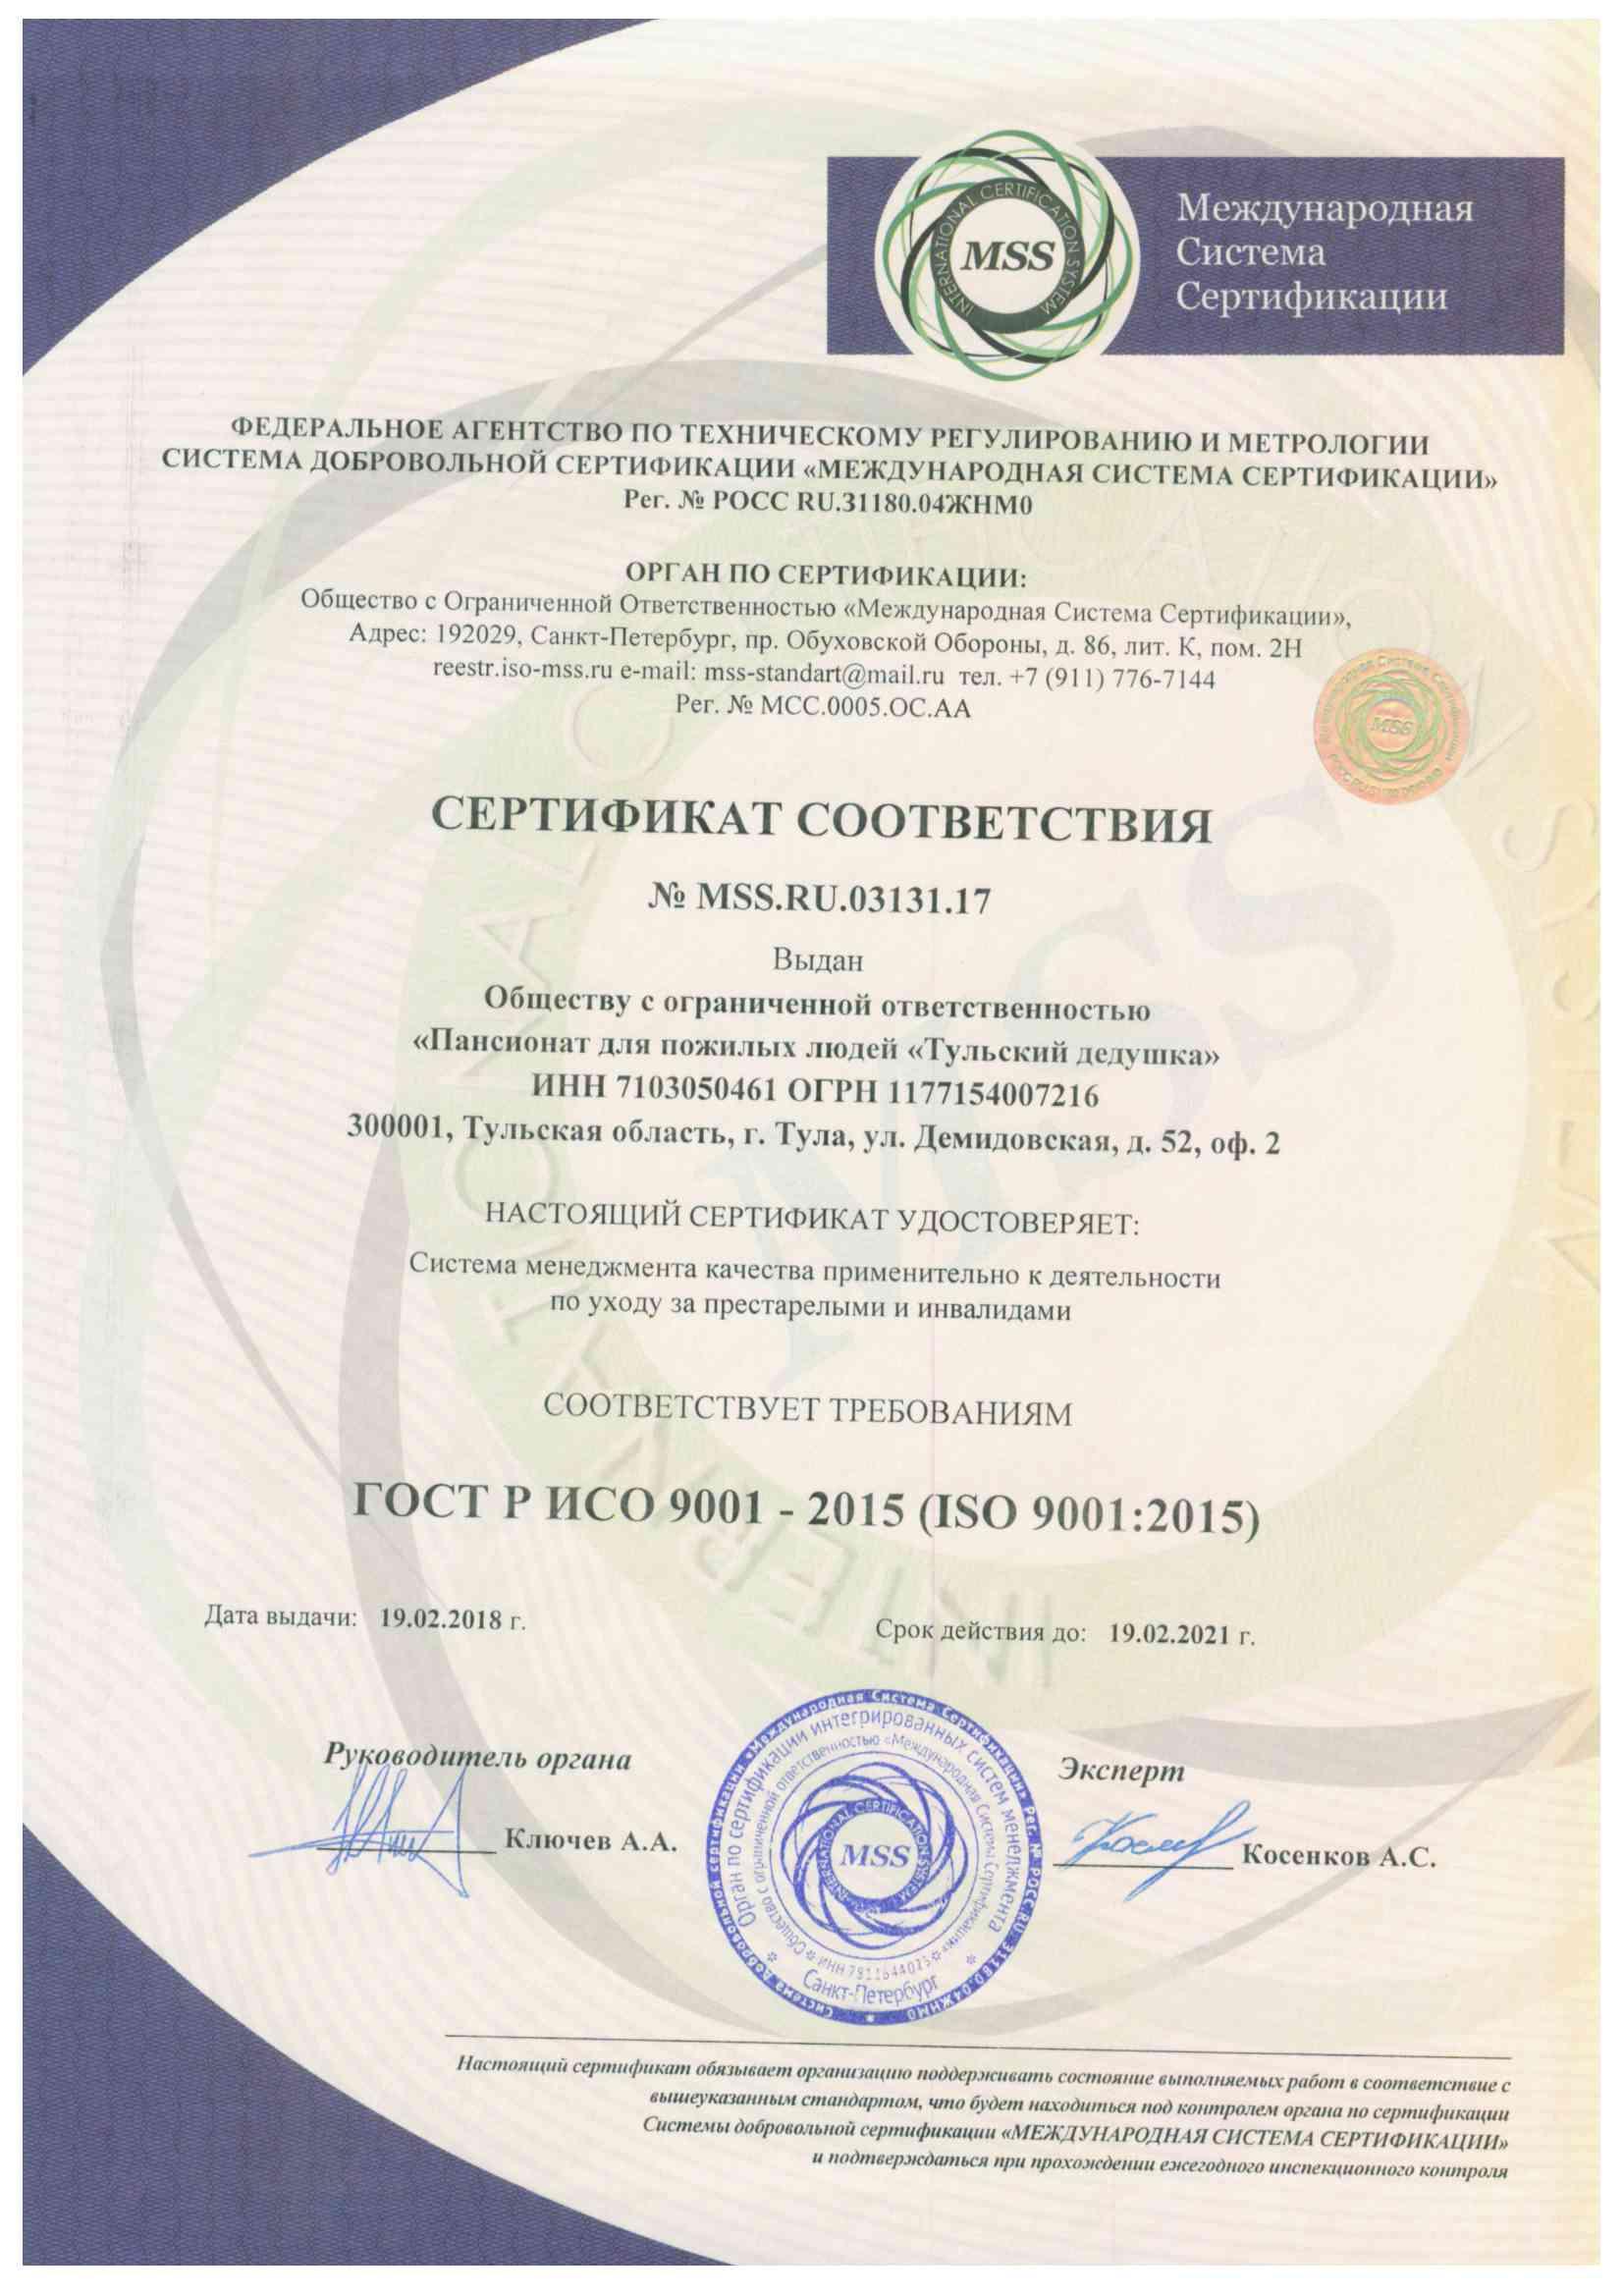 ГОСТ Р ИСО 9001-2015 ENG